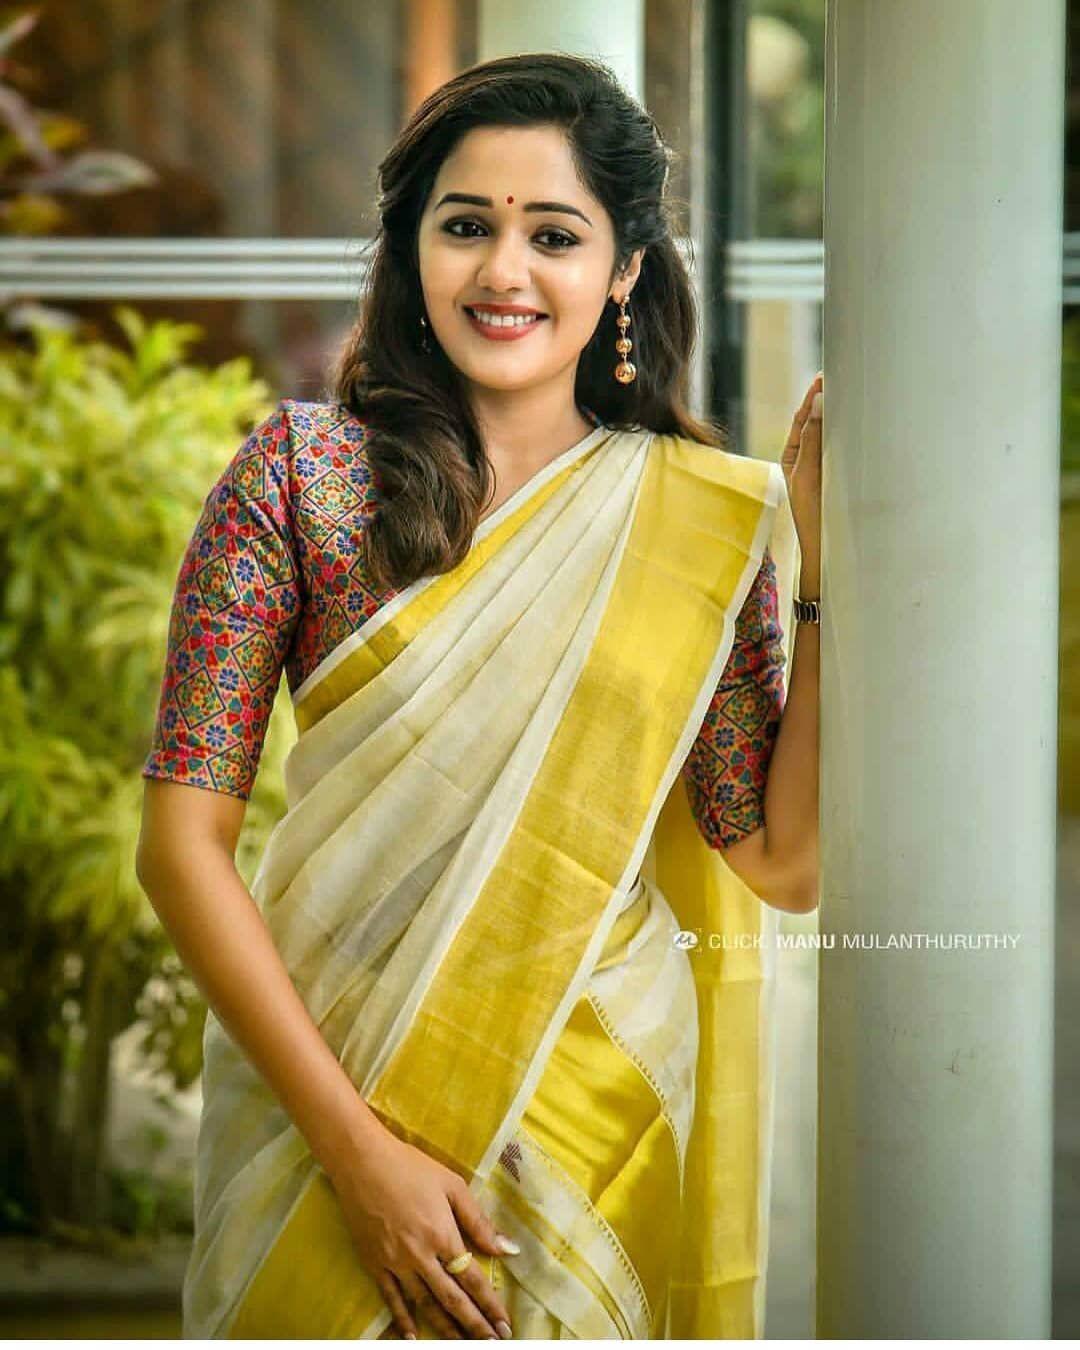 അനന്യ #ananya #actress #cinetimesmedia